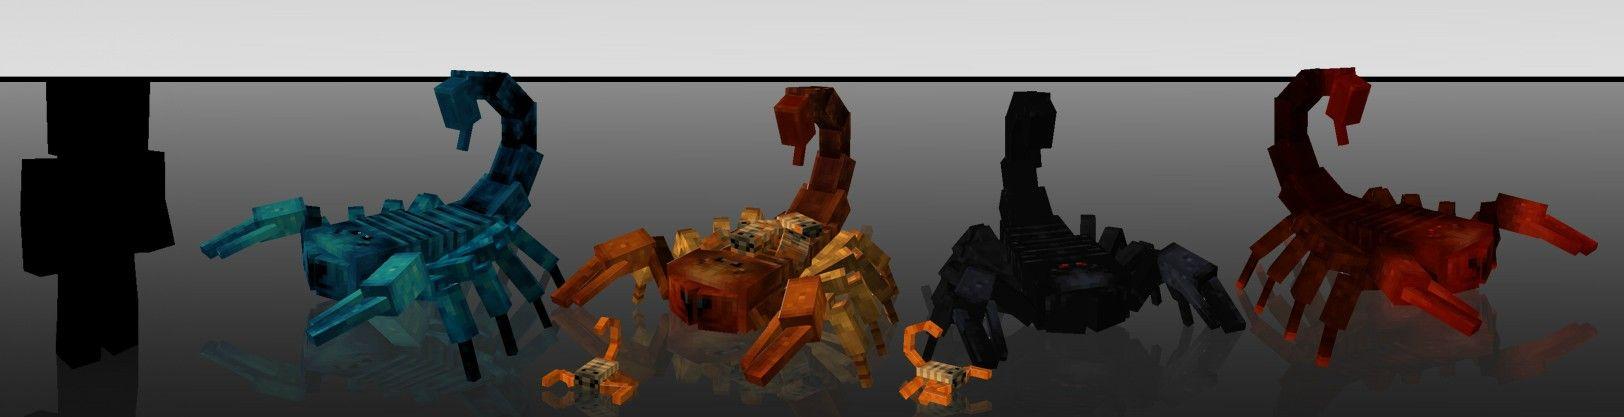 Mo-Creatures-skorpion